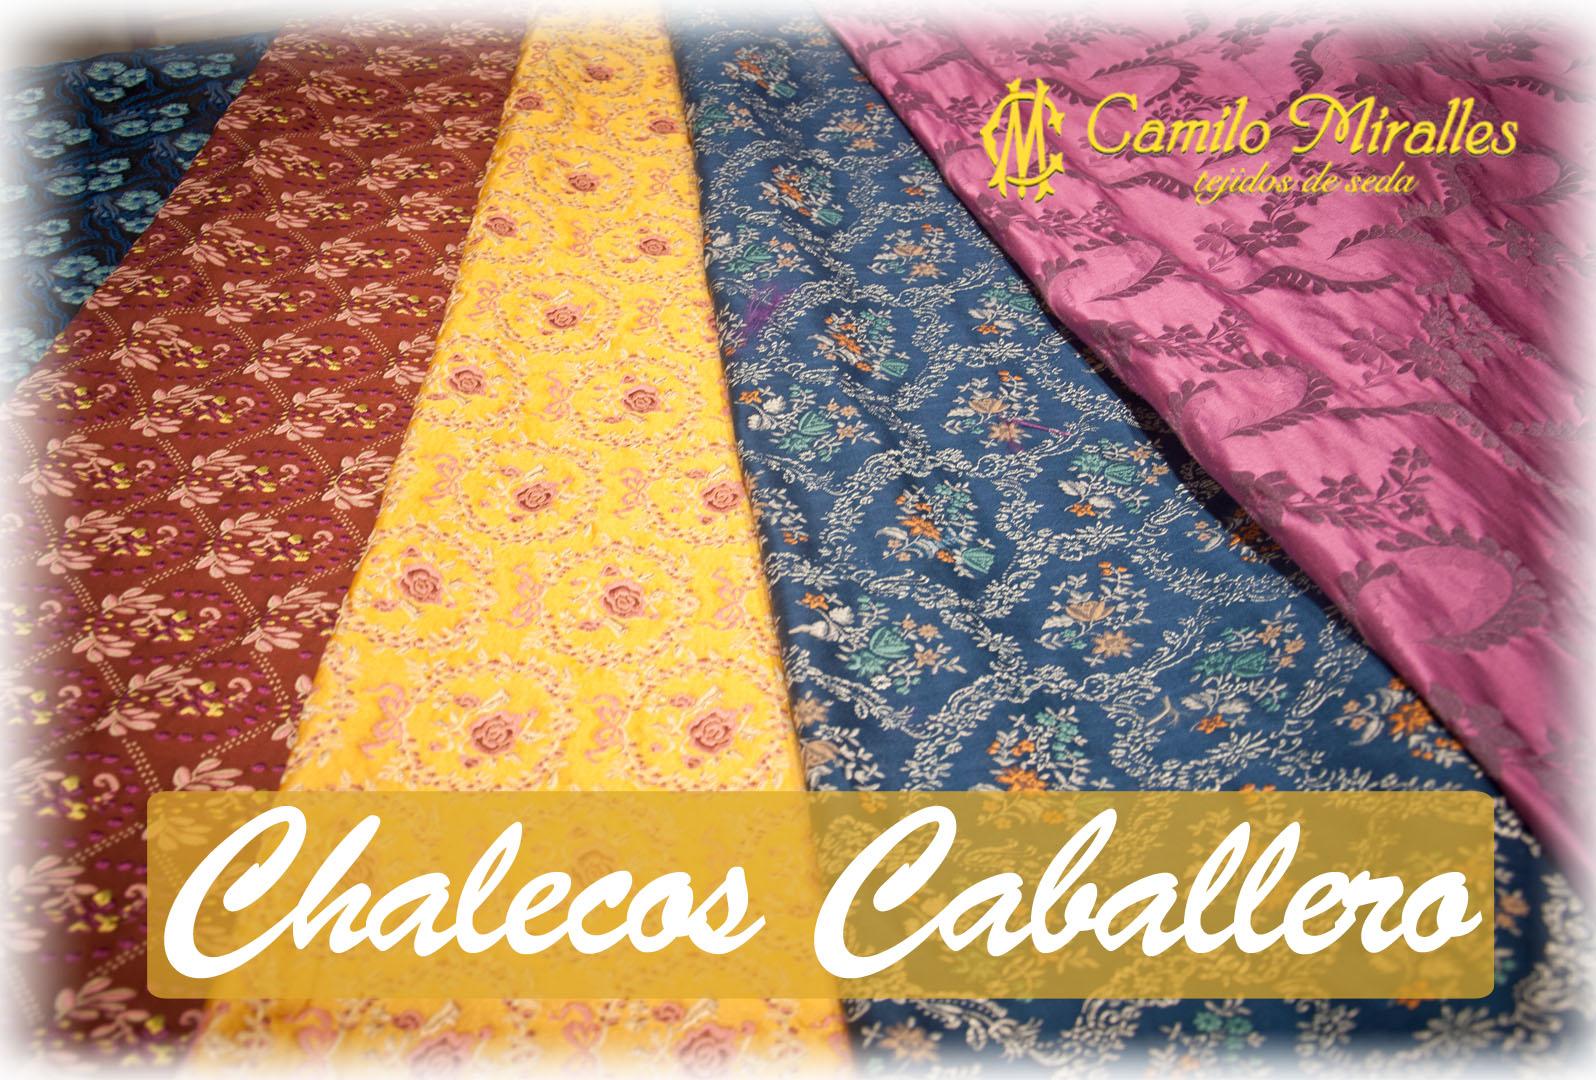 Telas, tejidos tradicionales, tejidos valencianos, Valencia, Camilo Miralles, Burjassot, Confección,